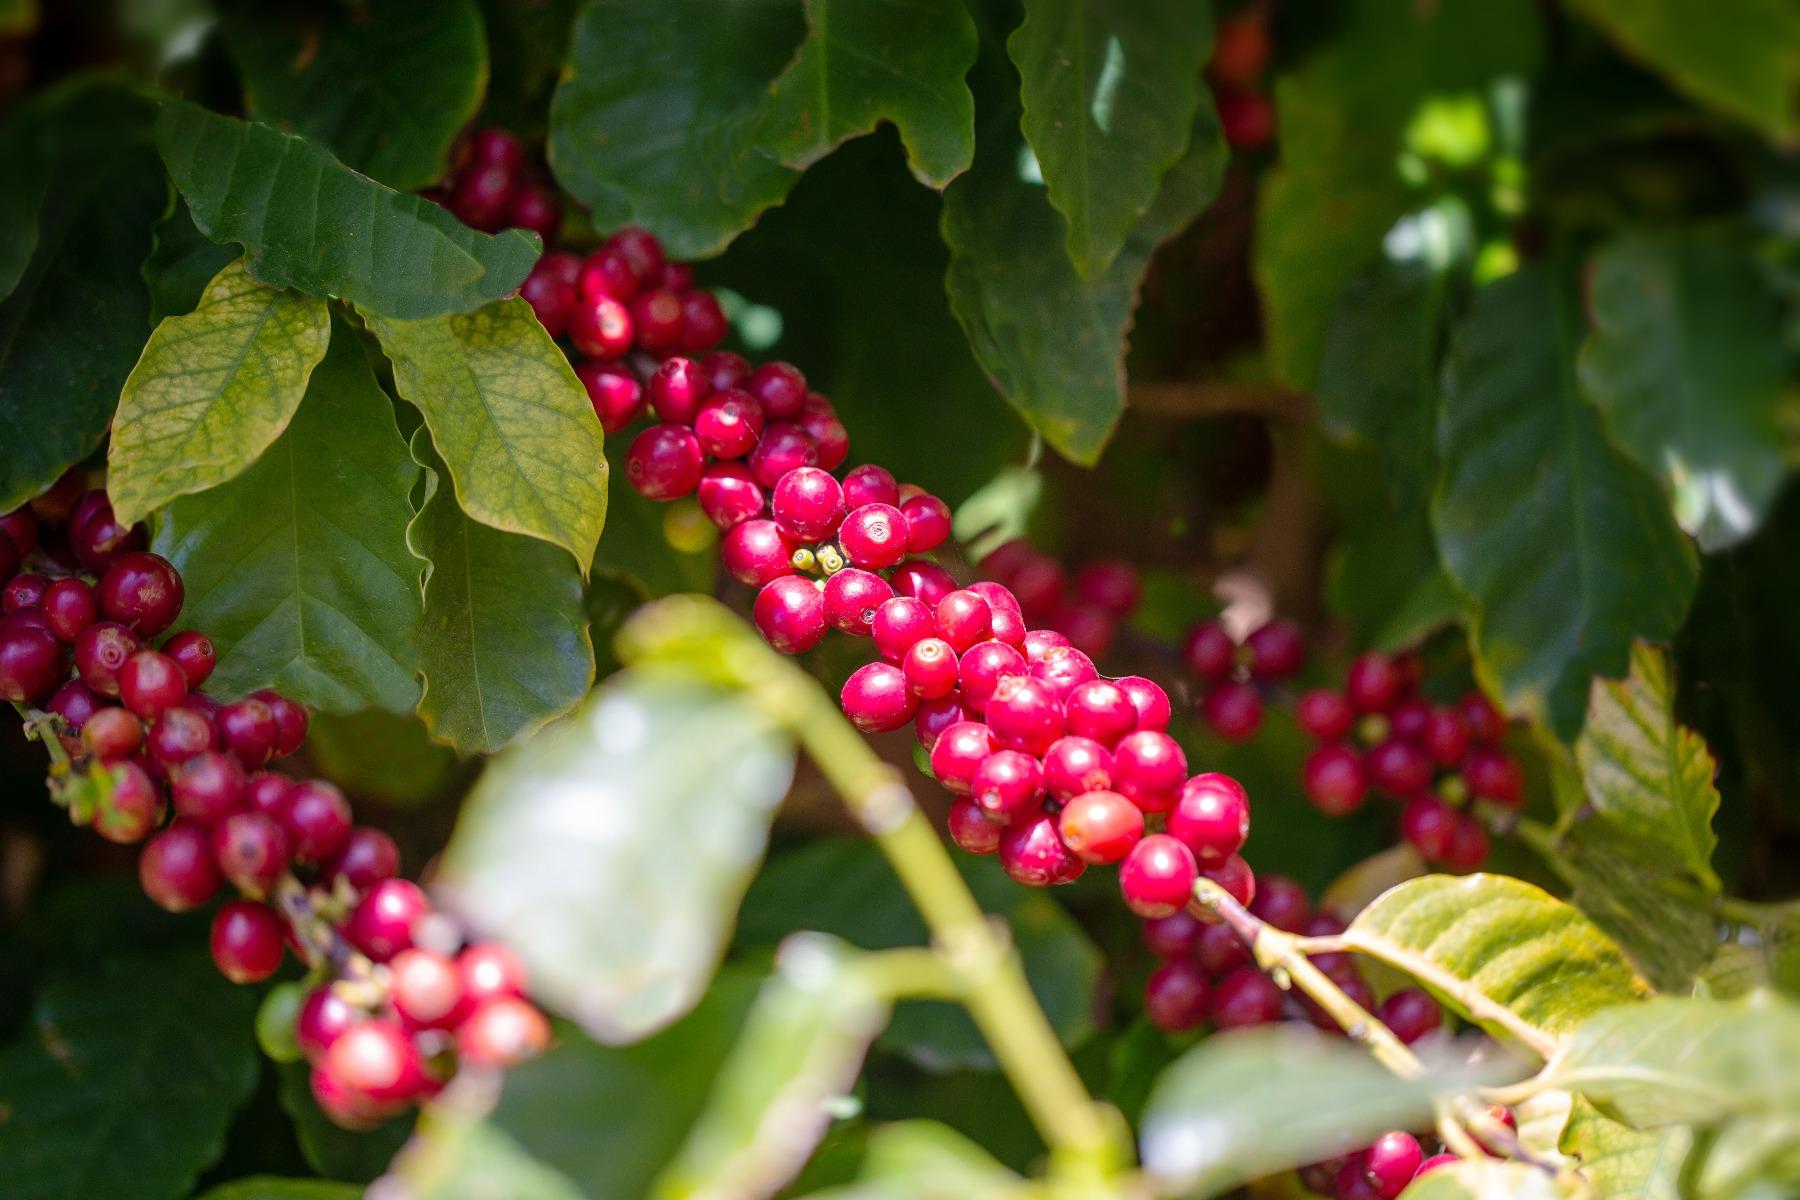 La Sicilia terra di caffè. Morettino presenta il progetto sperimentale del caffè nativo dell'Isola